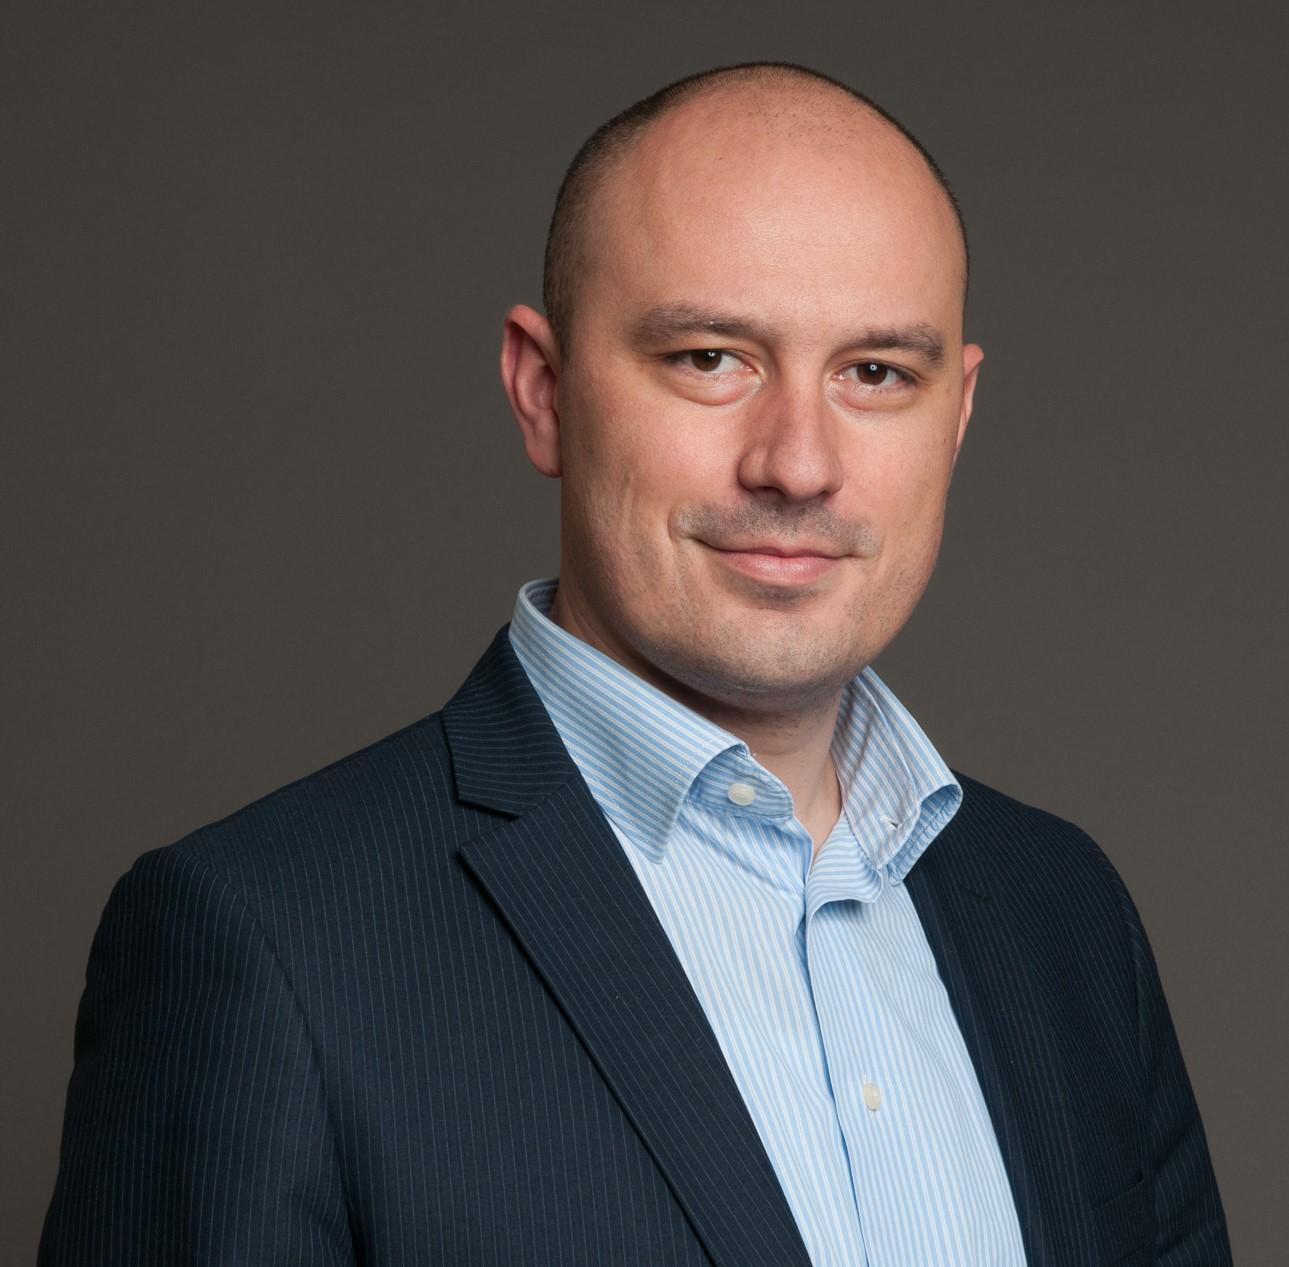 Mihai Zânt, Reviro: Mulţi dintre cei care decid să se întoarcă acasă nu sunt conectaţi la realitatea de business de aici